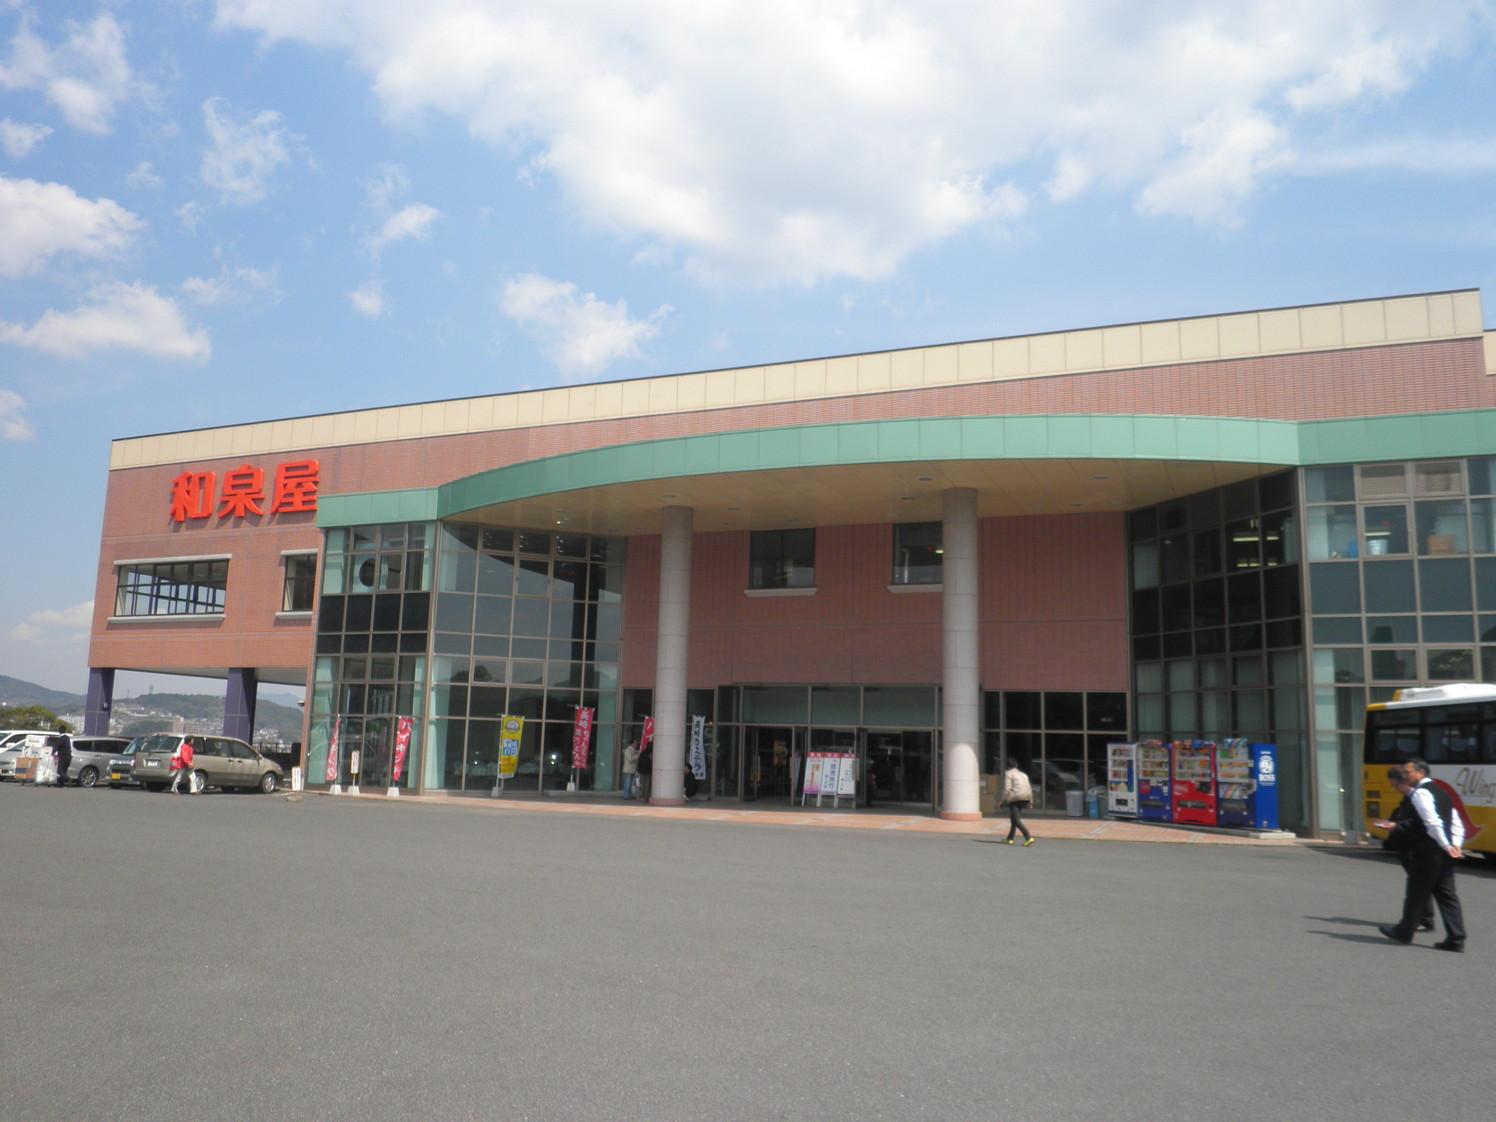 佐世保和泉屋 大塔インター店(ハウステンボスそば)